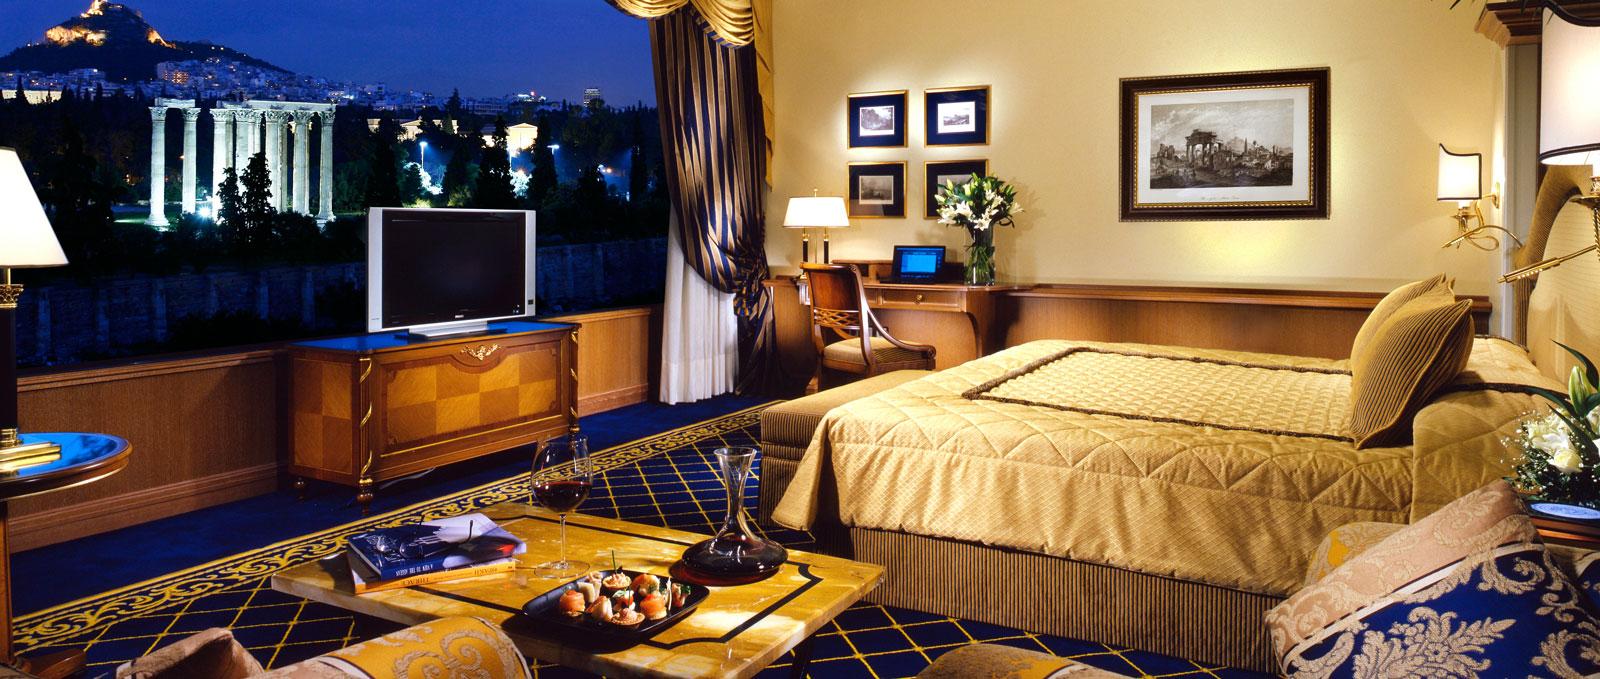 חדר במלון רויאל אולימפיק